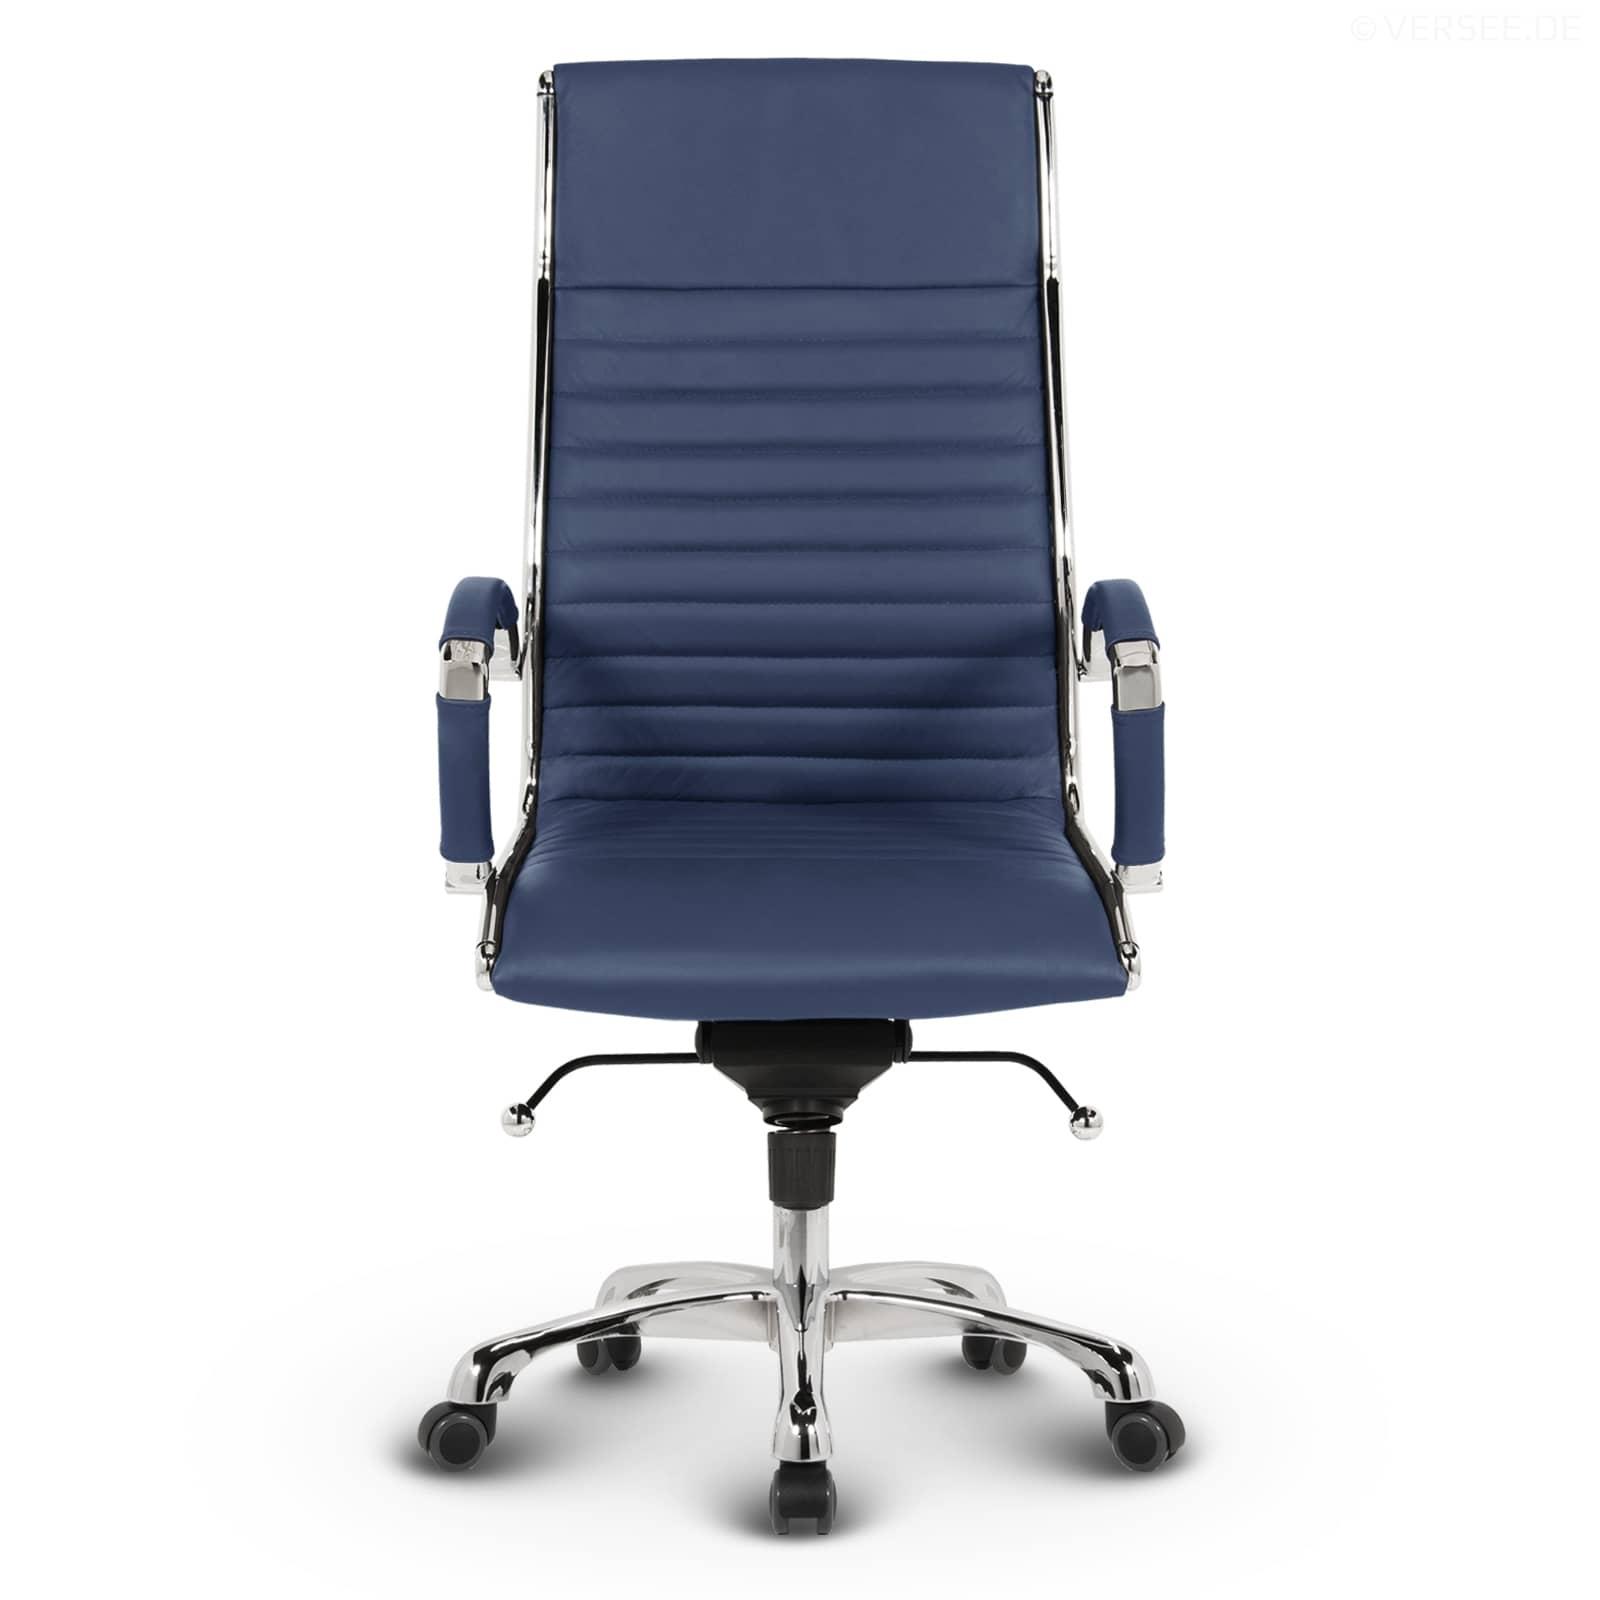 montreal chefsessel leder blau kaufen versee. Black Bedroom Furniture Sets. Home Design Ideas